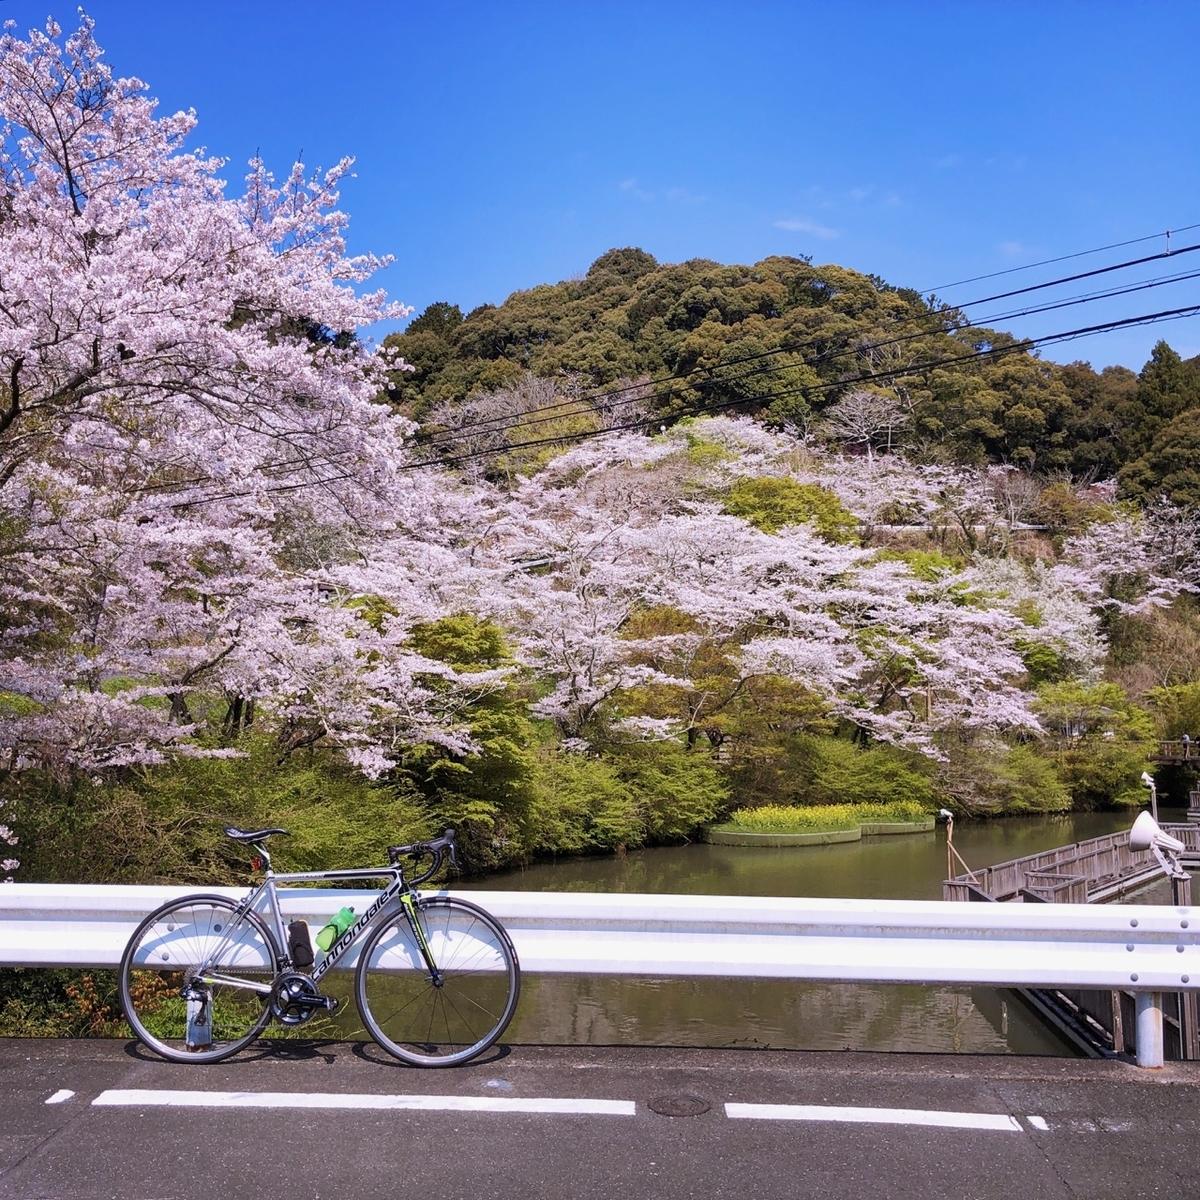 f:id:mick_kamihara:20200404095139j:plain